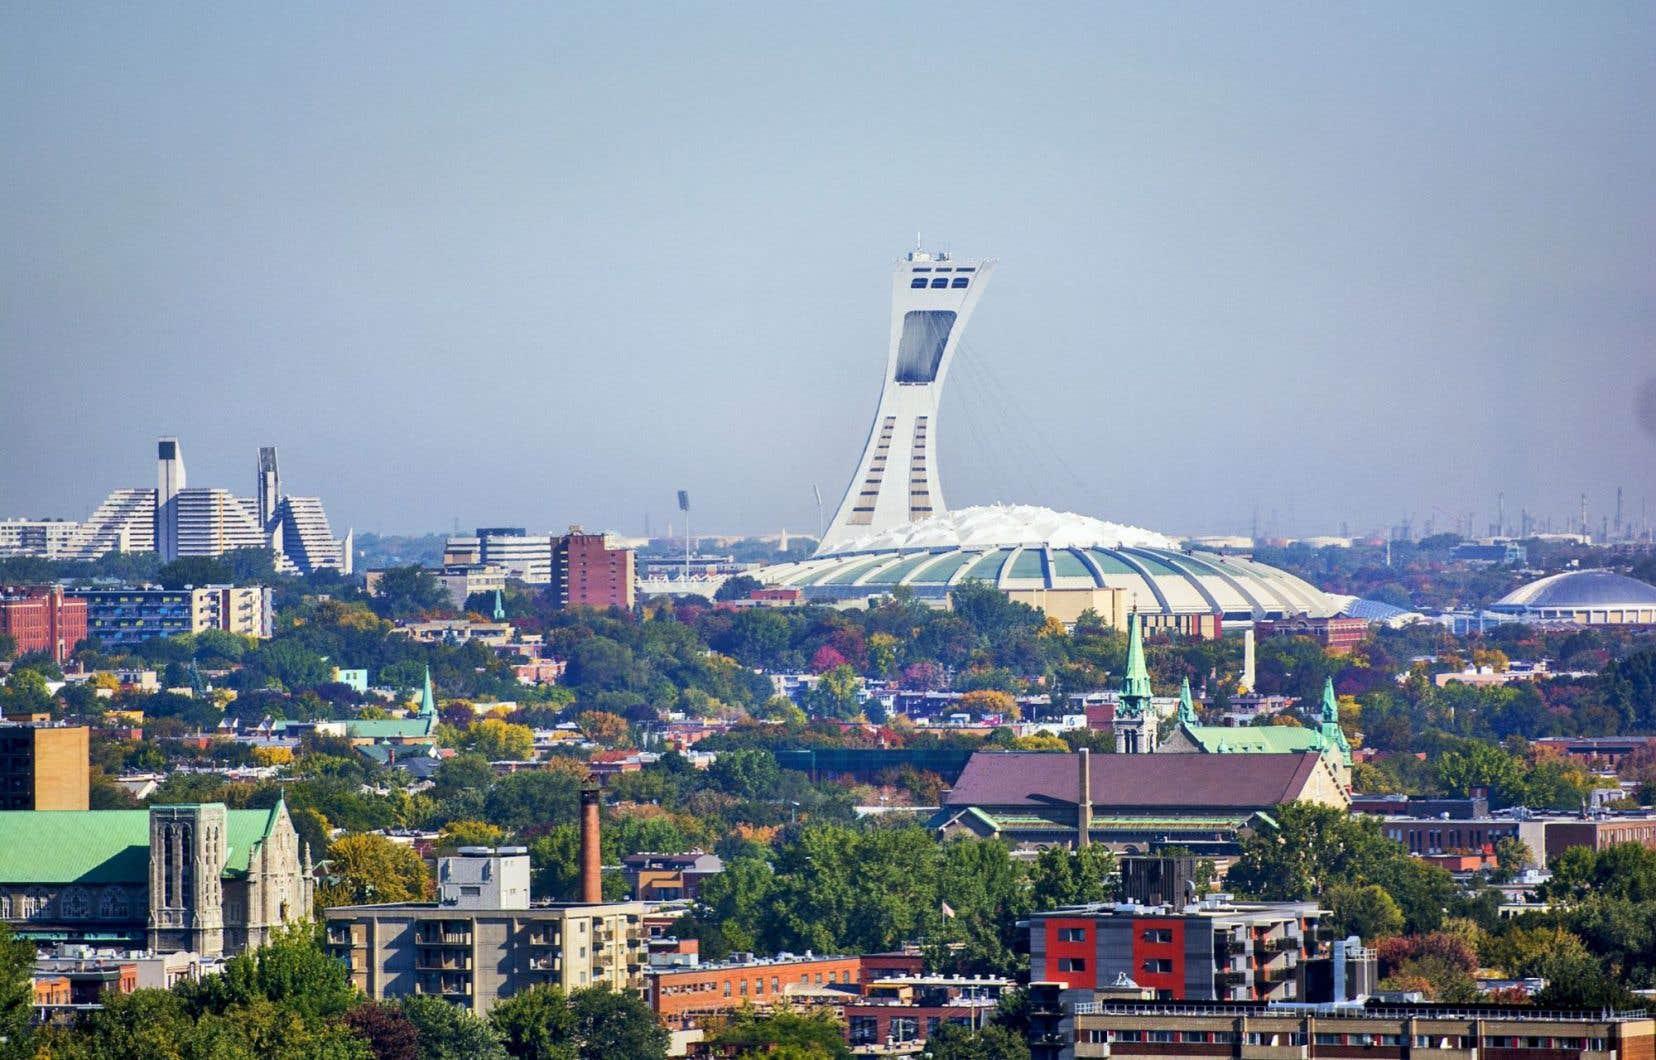 Parmi les legs des Jeux olympiques de Montréal, il y a d'abord le stade lui-même, dont la conception architecturale suscite l'envie et la convoitise à l'échelle internationale.